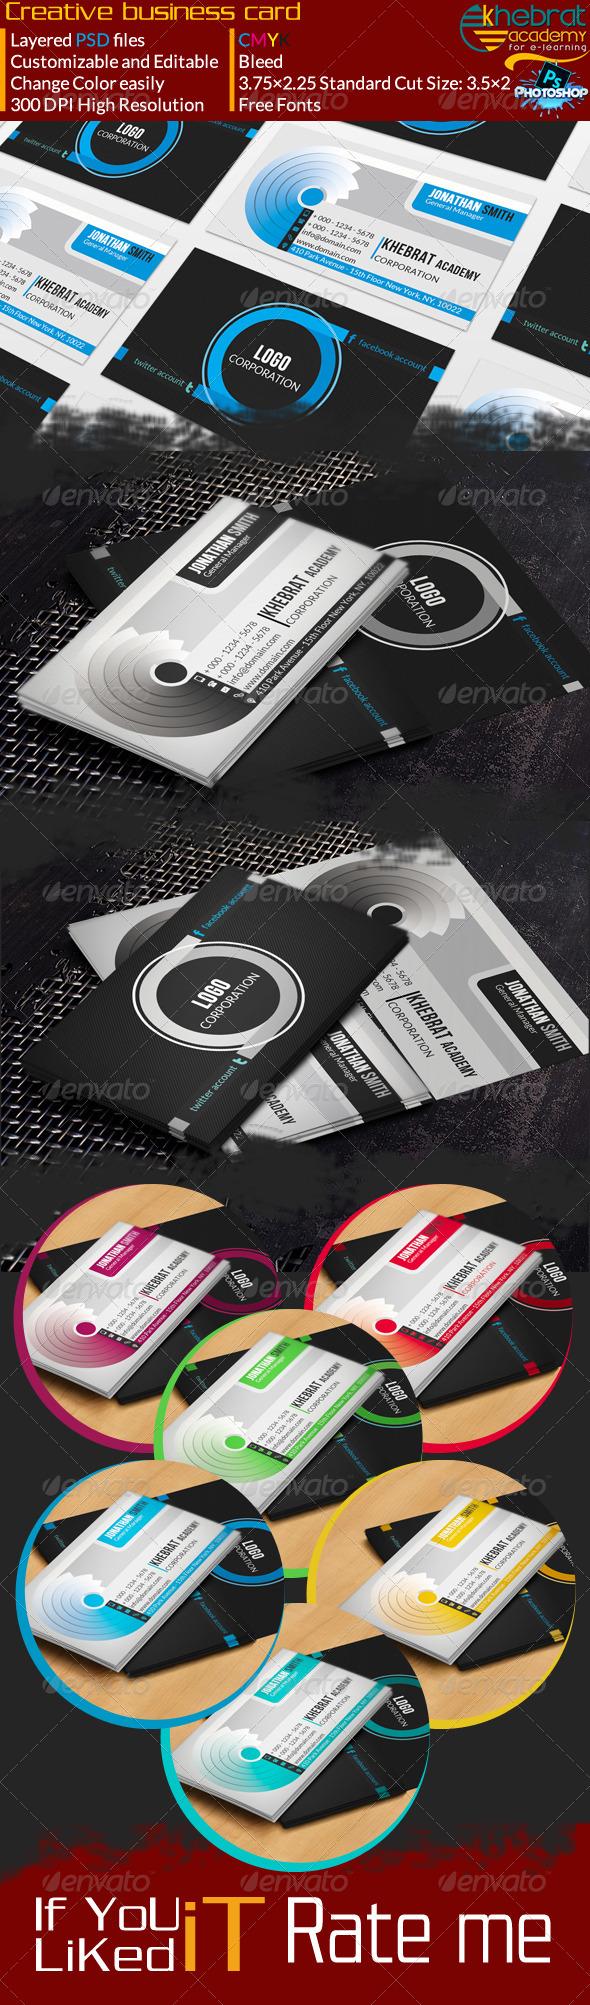 GraphicRiver Creative Business Card V01 7035230